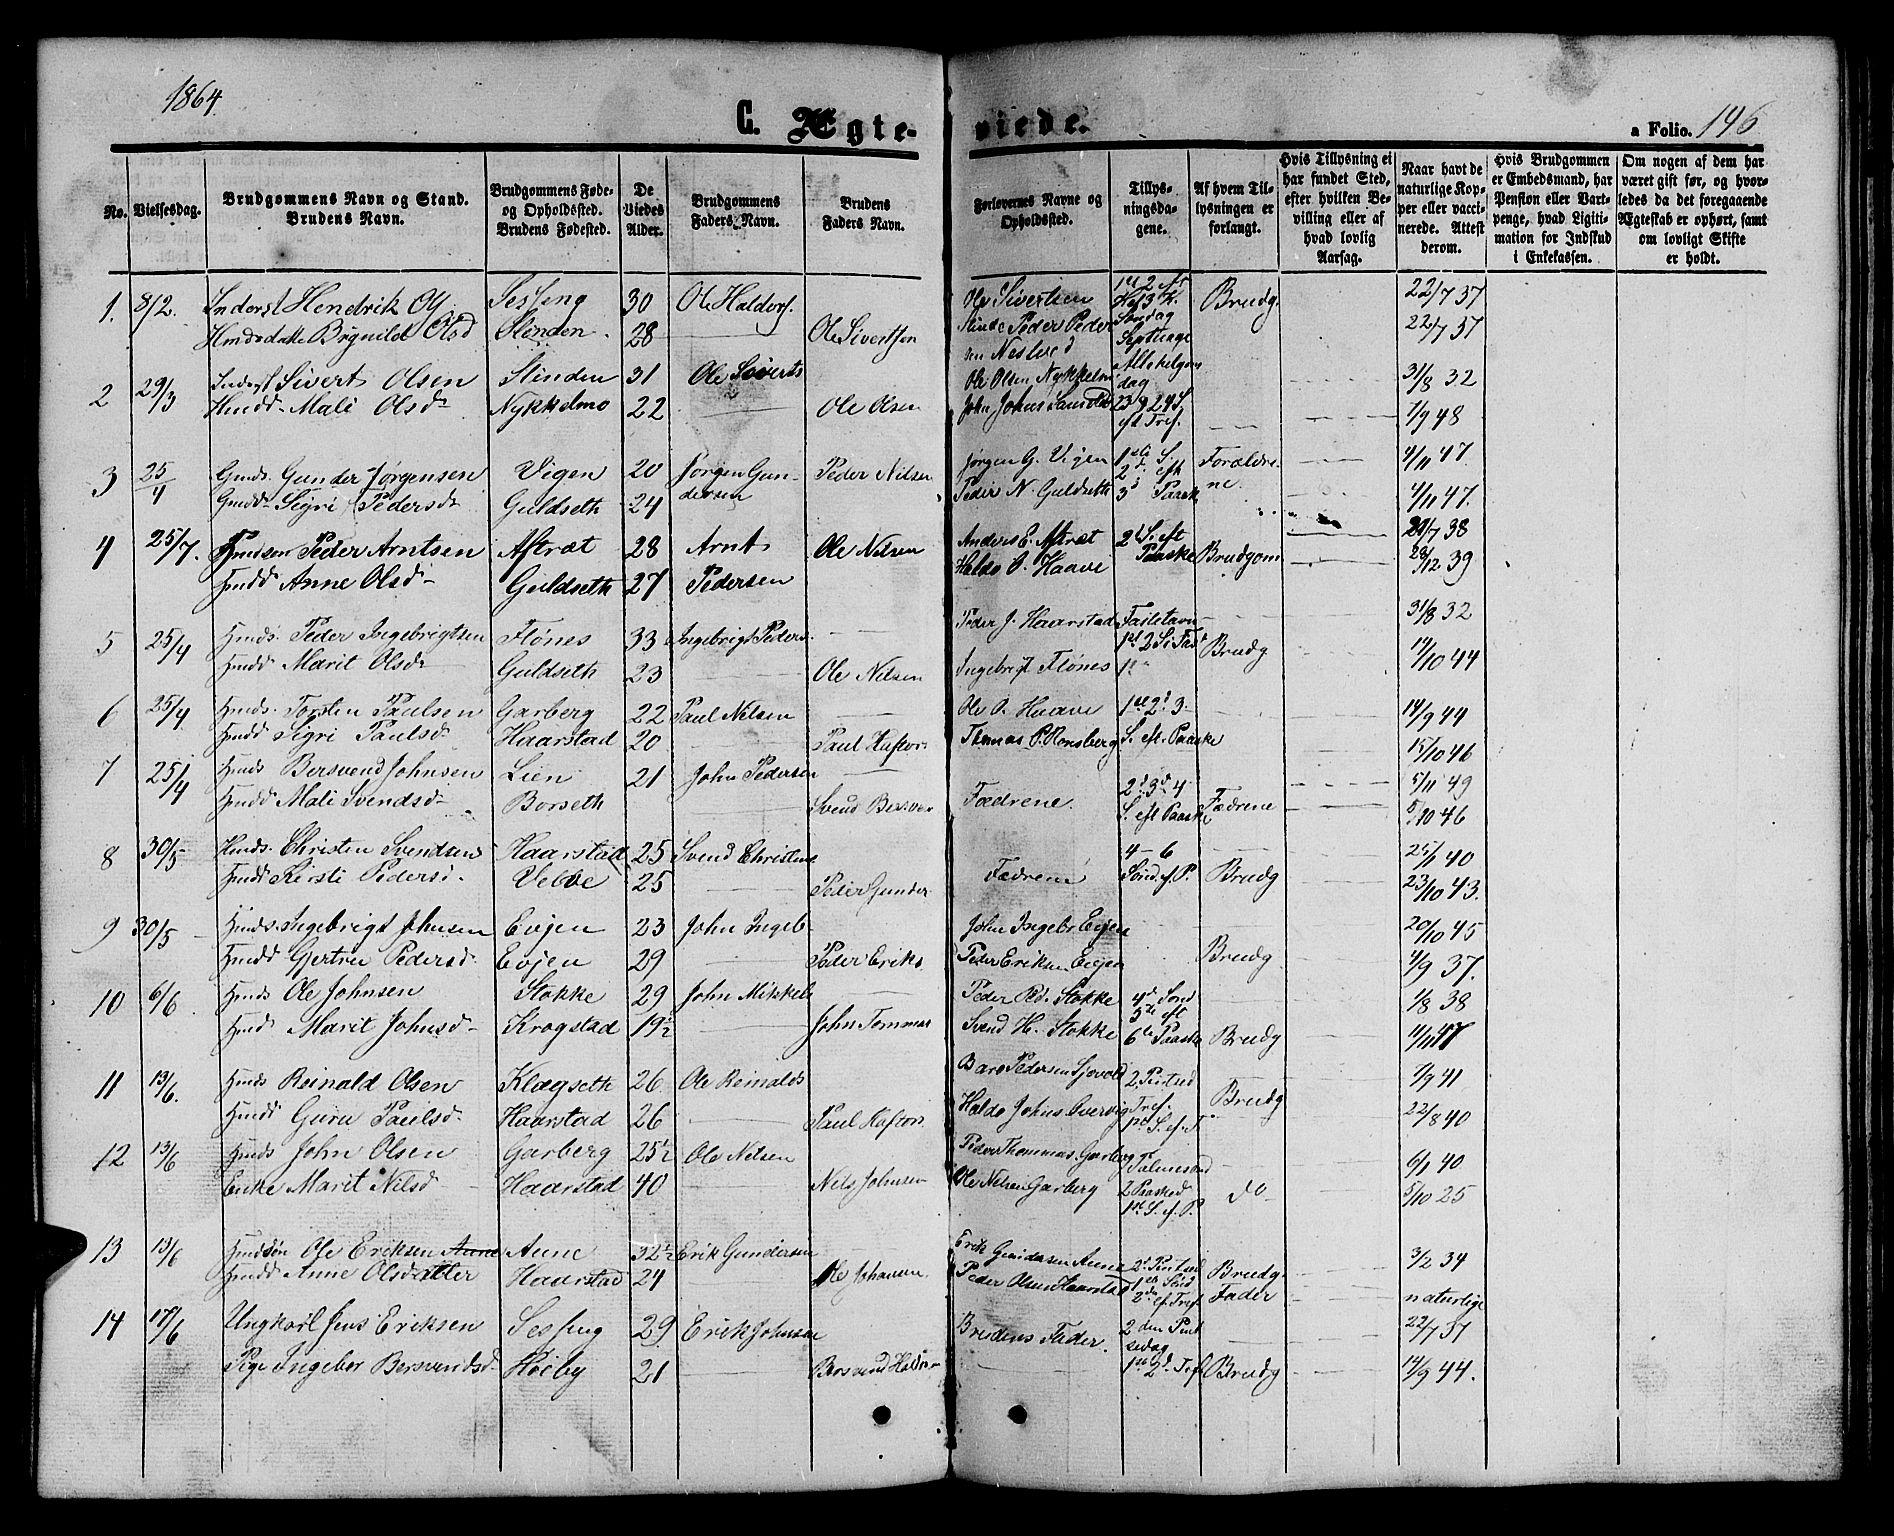 SAT, Ministerialprotokoller, klokkerbøker og fødselsregistre - Sør-Trøndelag, 695/L1155: Klokkerbok nr. 695C06, 1859-1868, s. 146